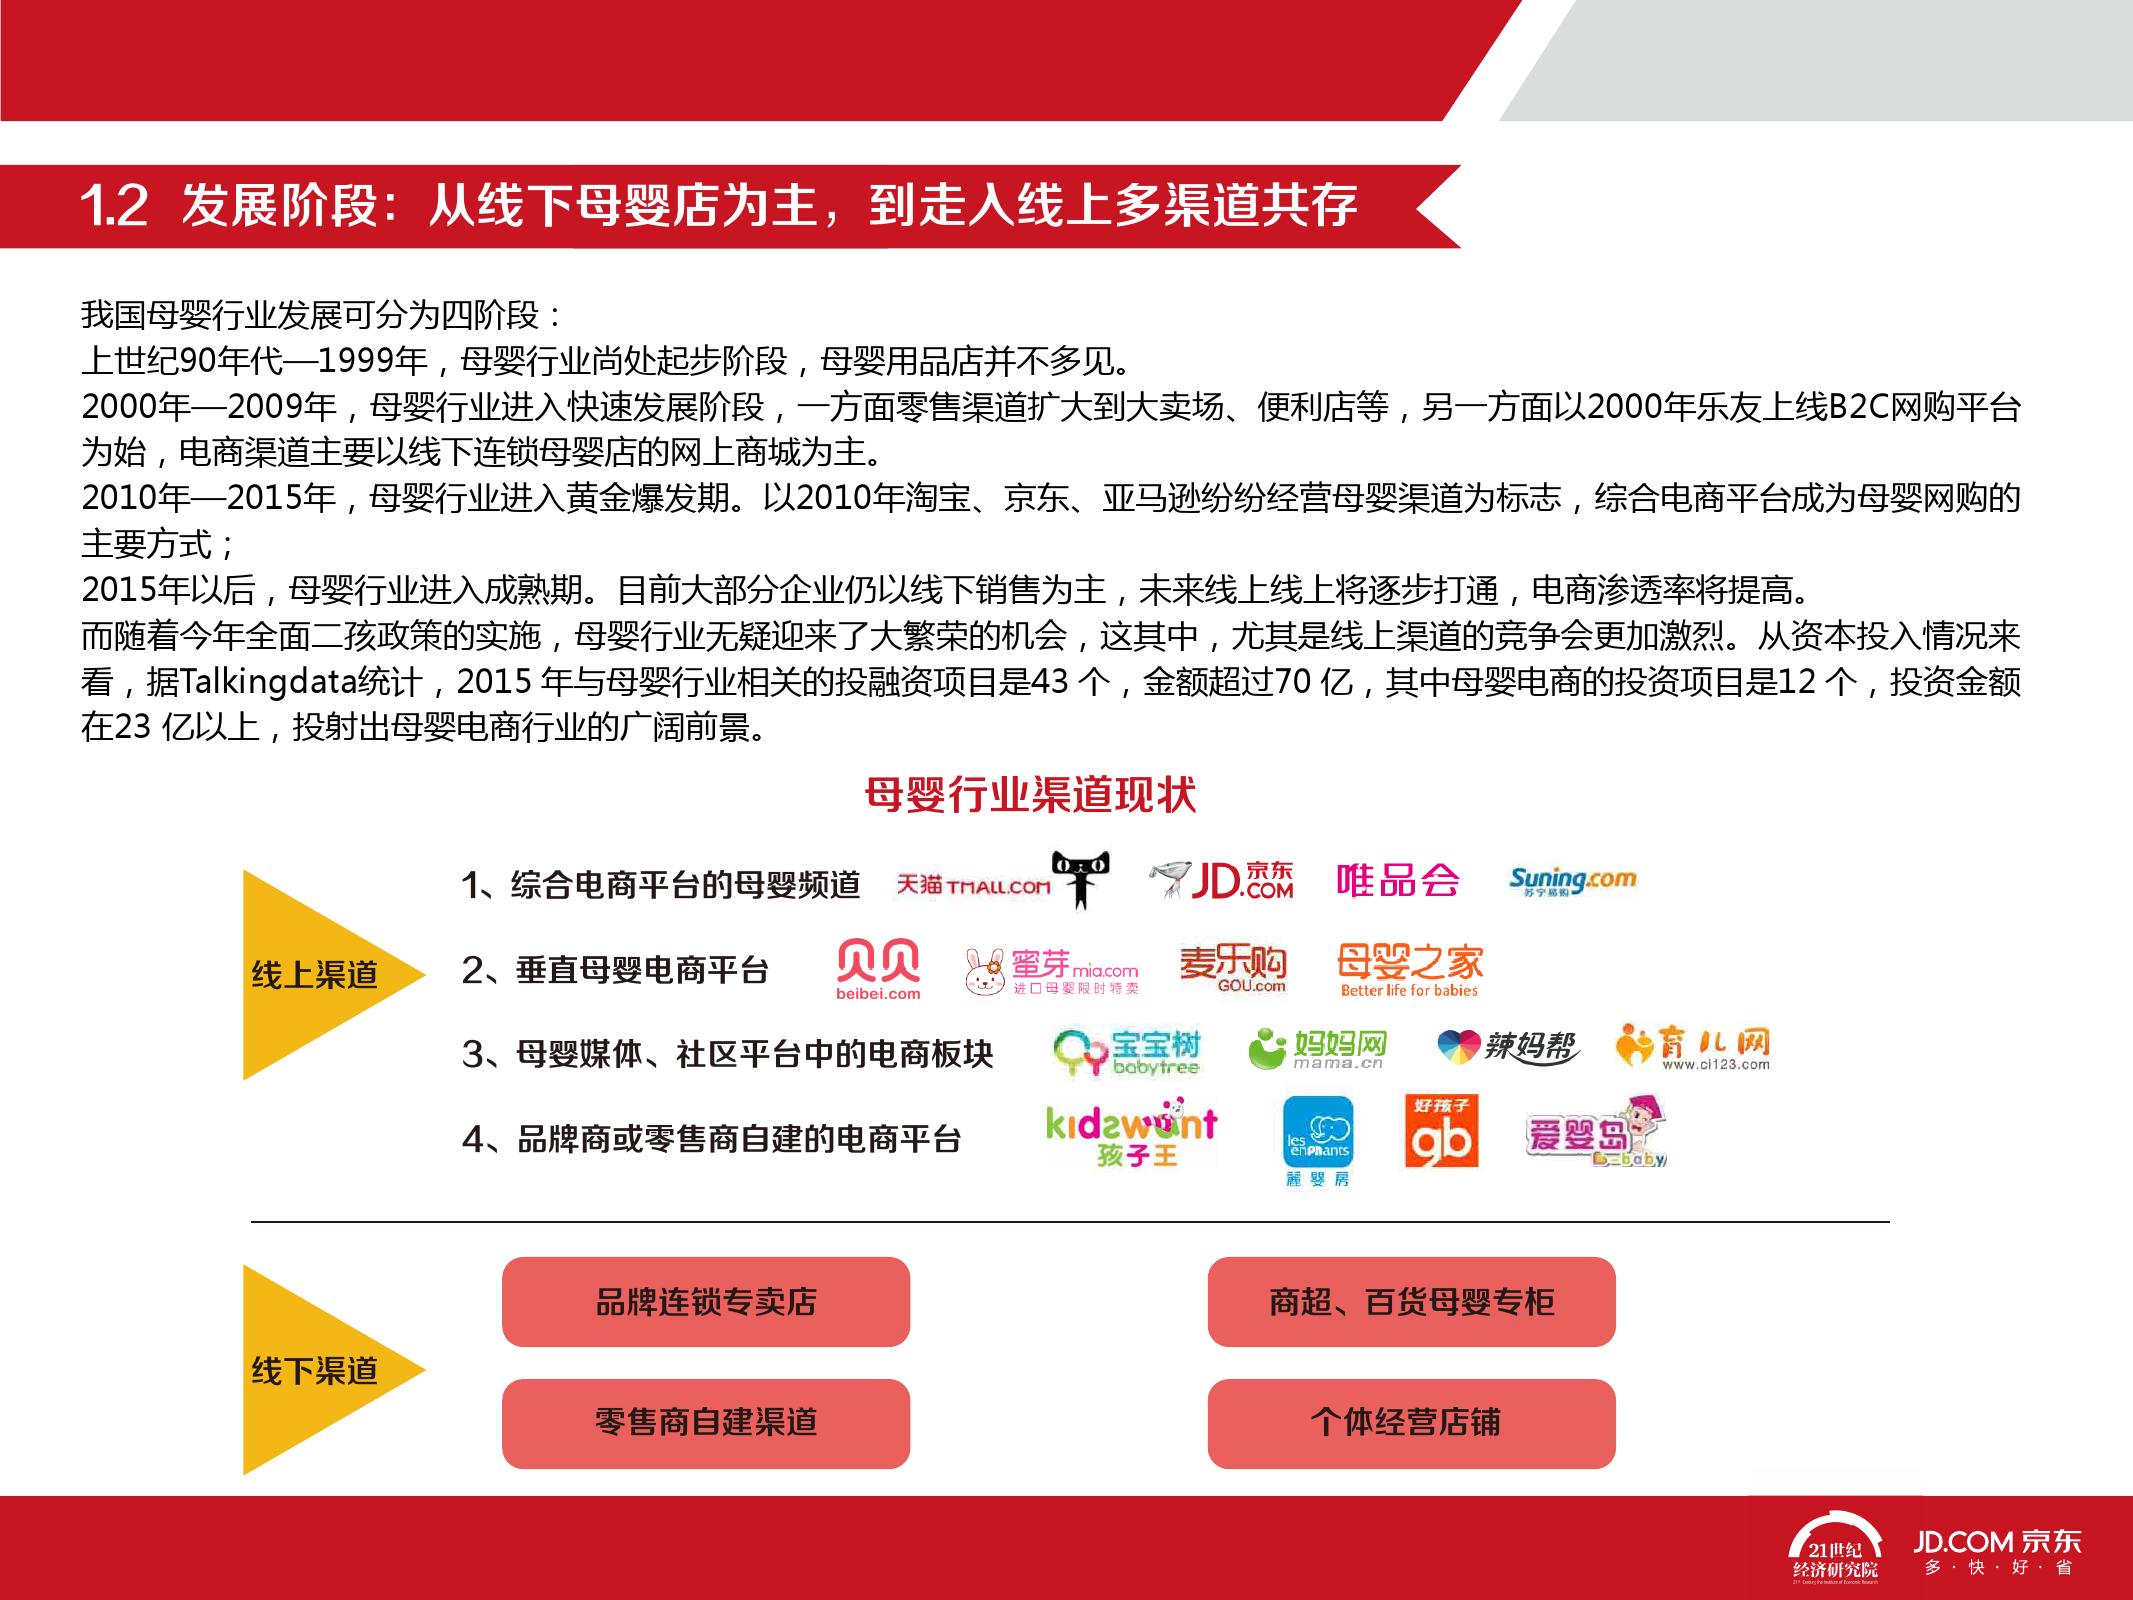 2016中国母婴产品消费趋势报告_000007